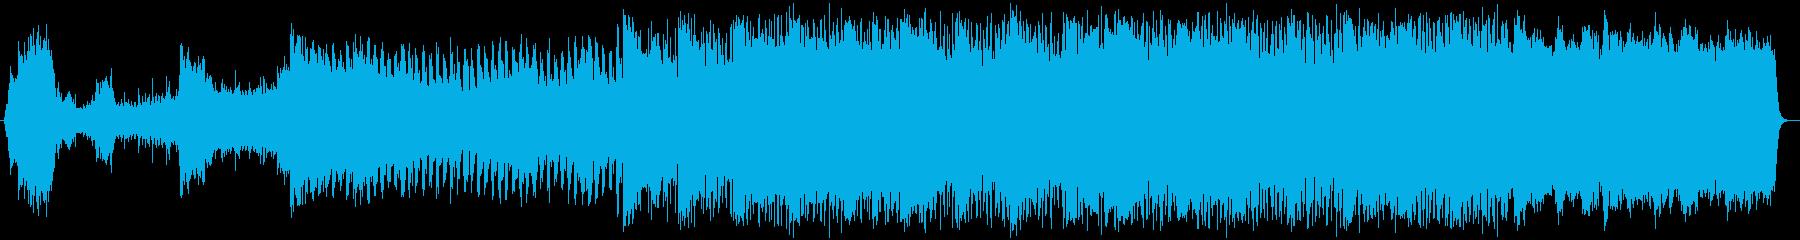 緊迫感のあるクラシック音楽の再生済みの波形